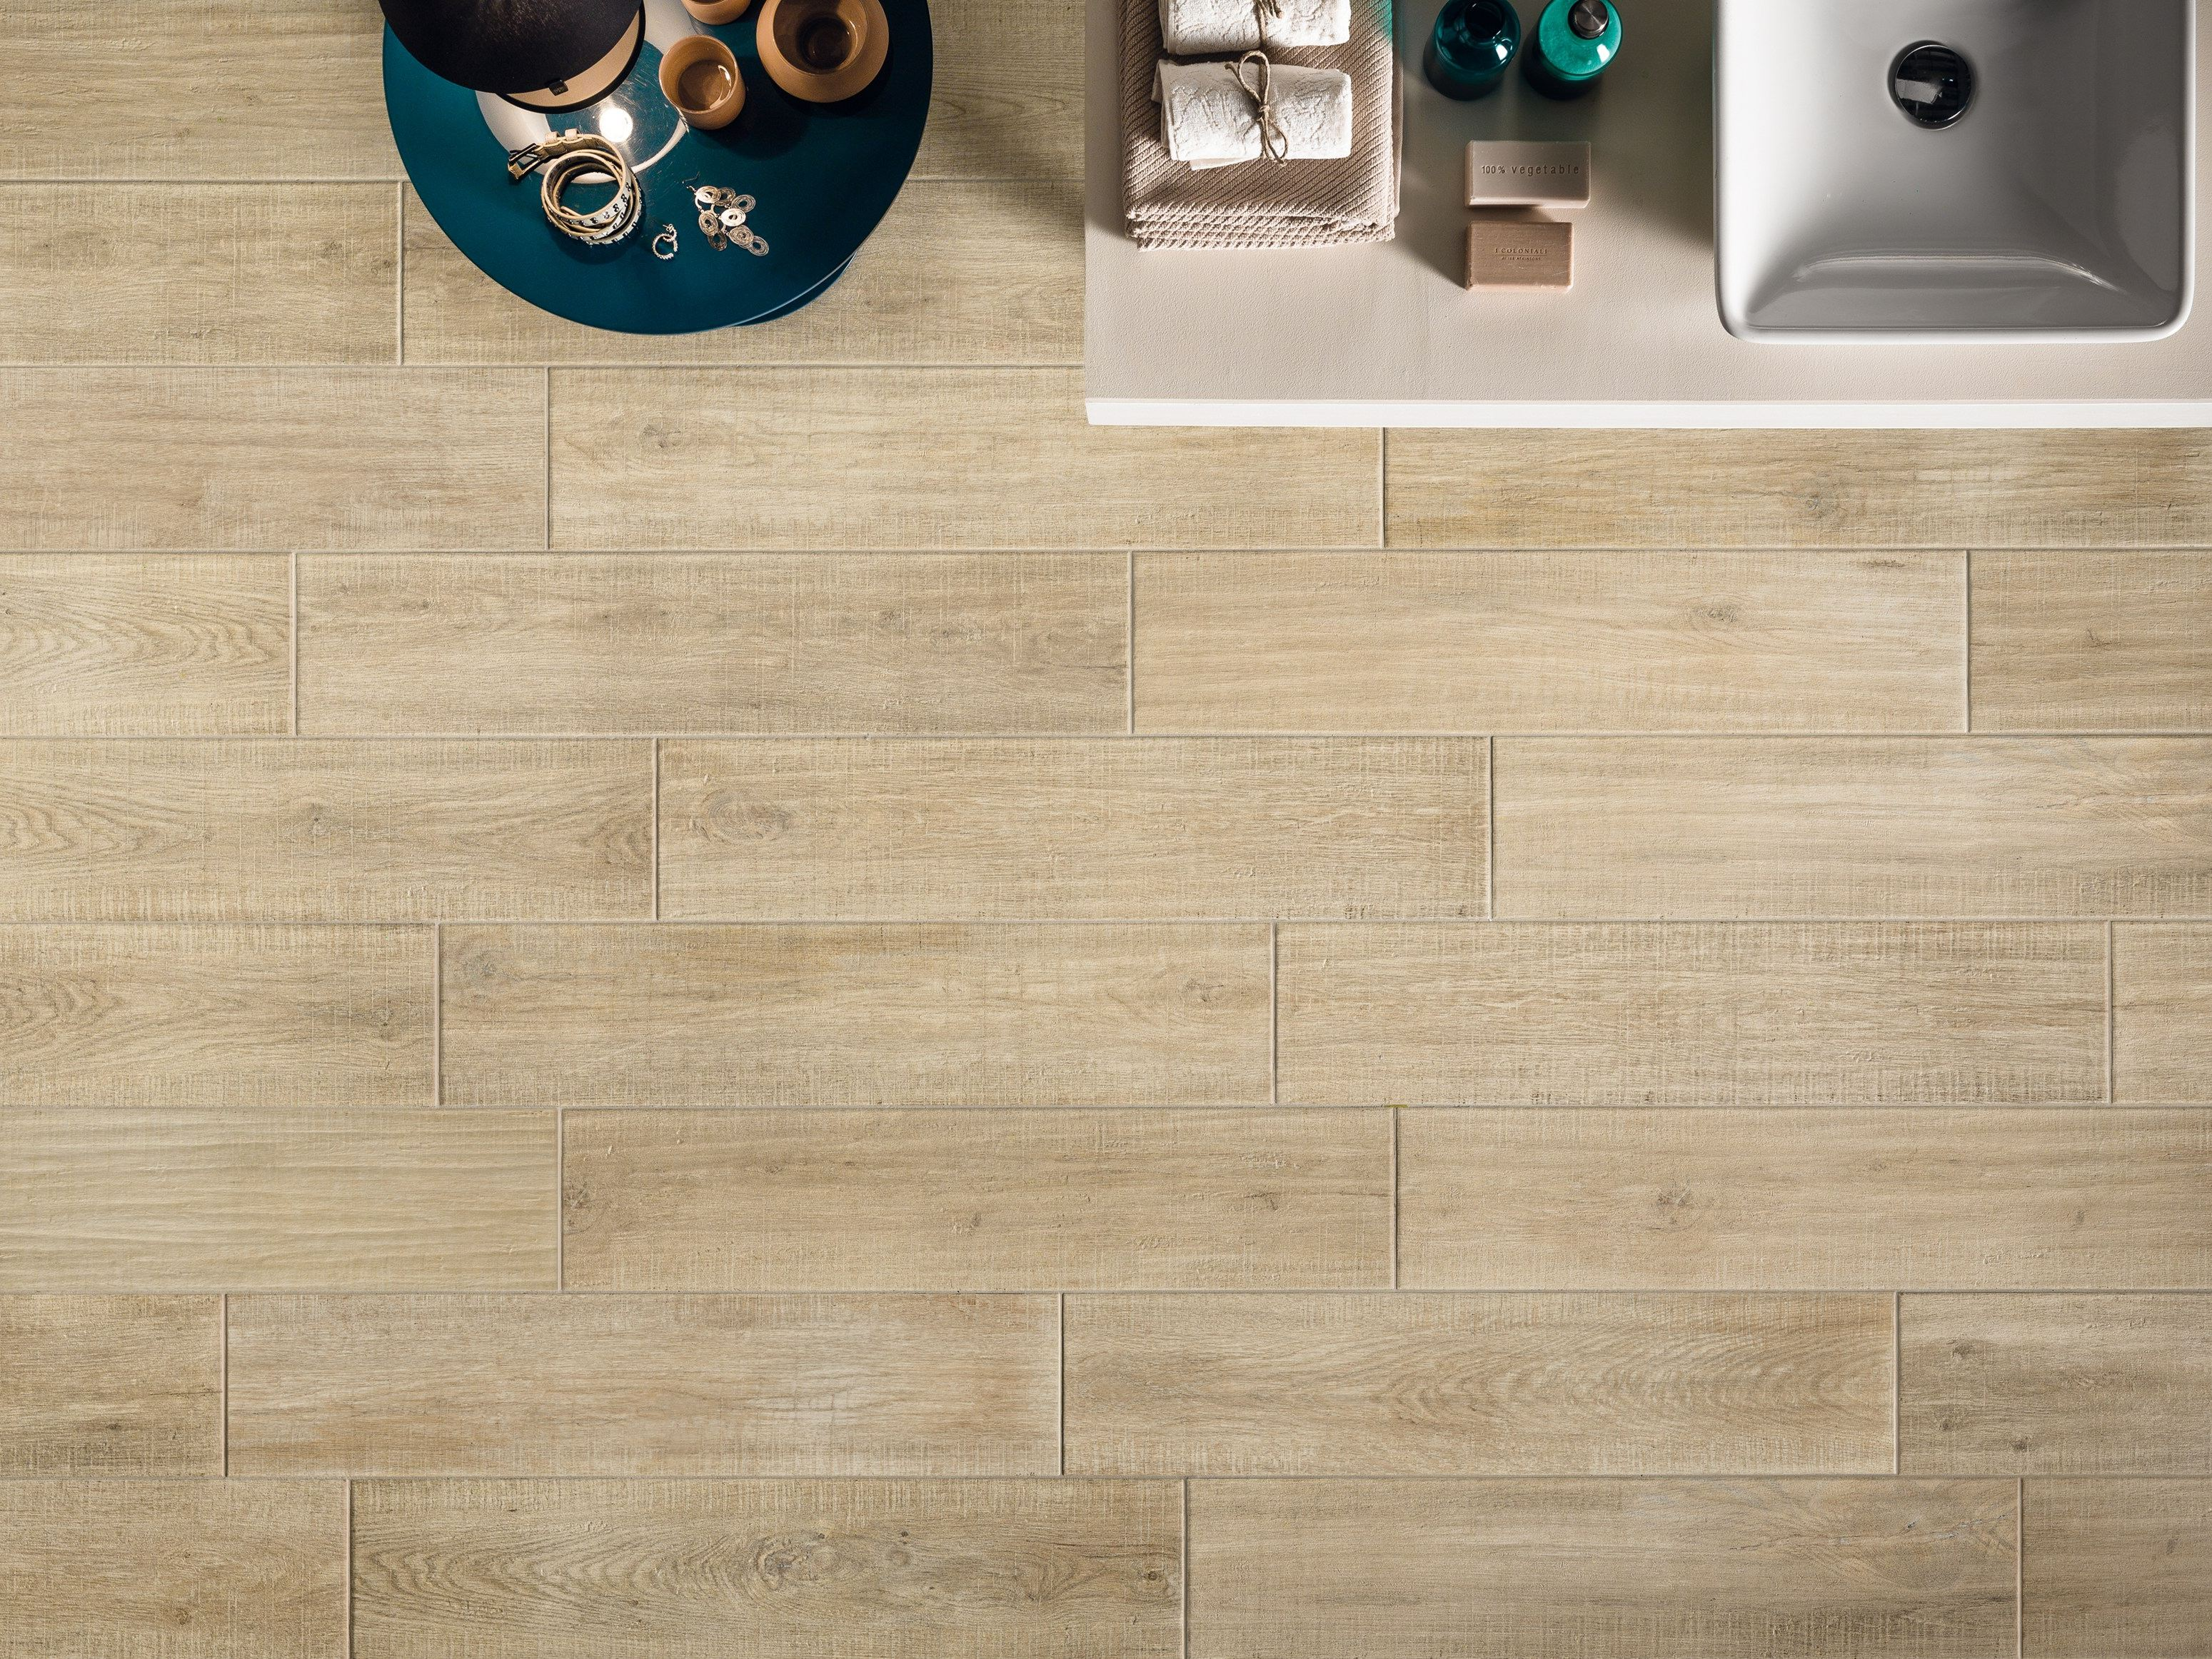 Assi d 39 alpe pavimento by panaria ceramica - Pavimento ceramico imitacion madera ...